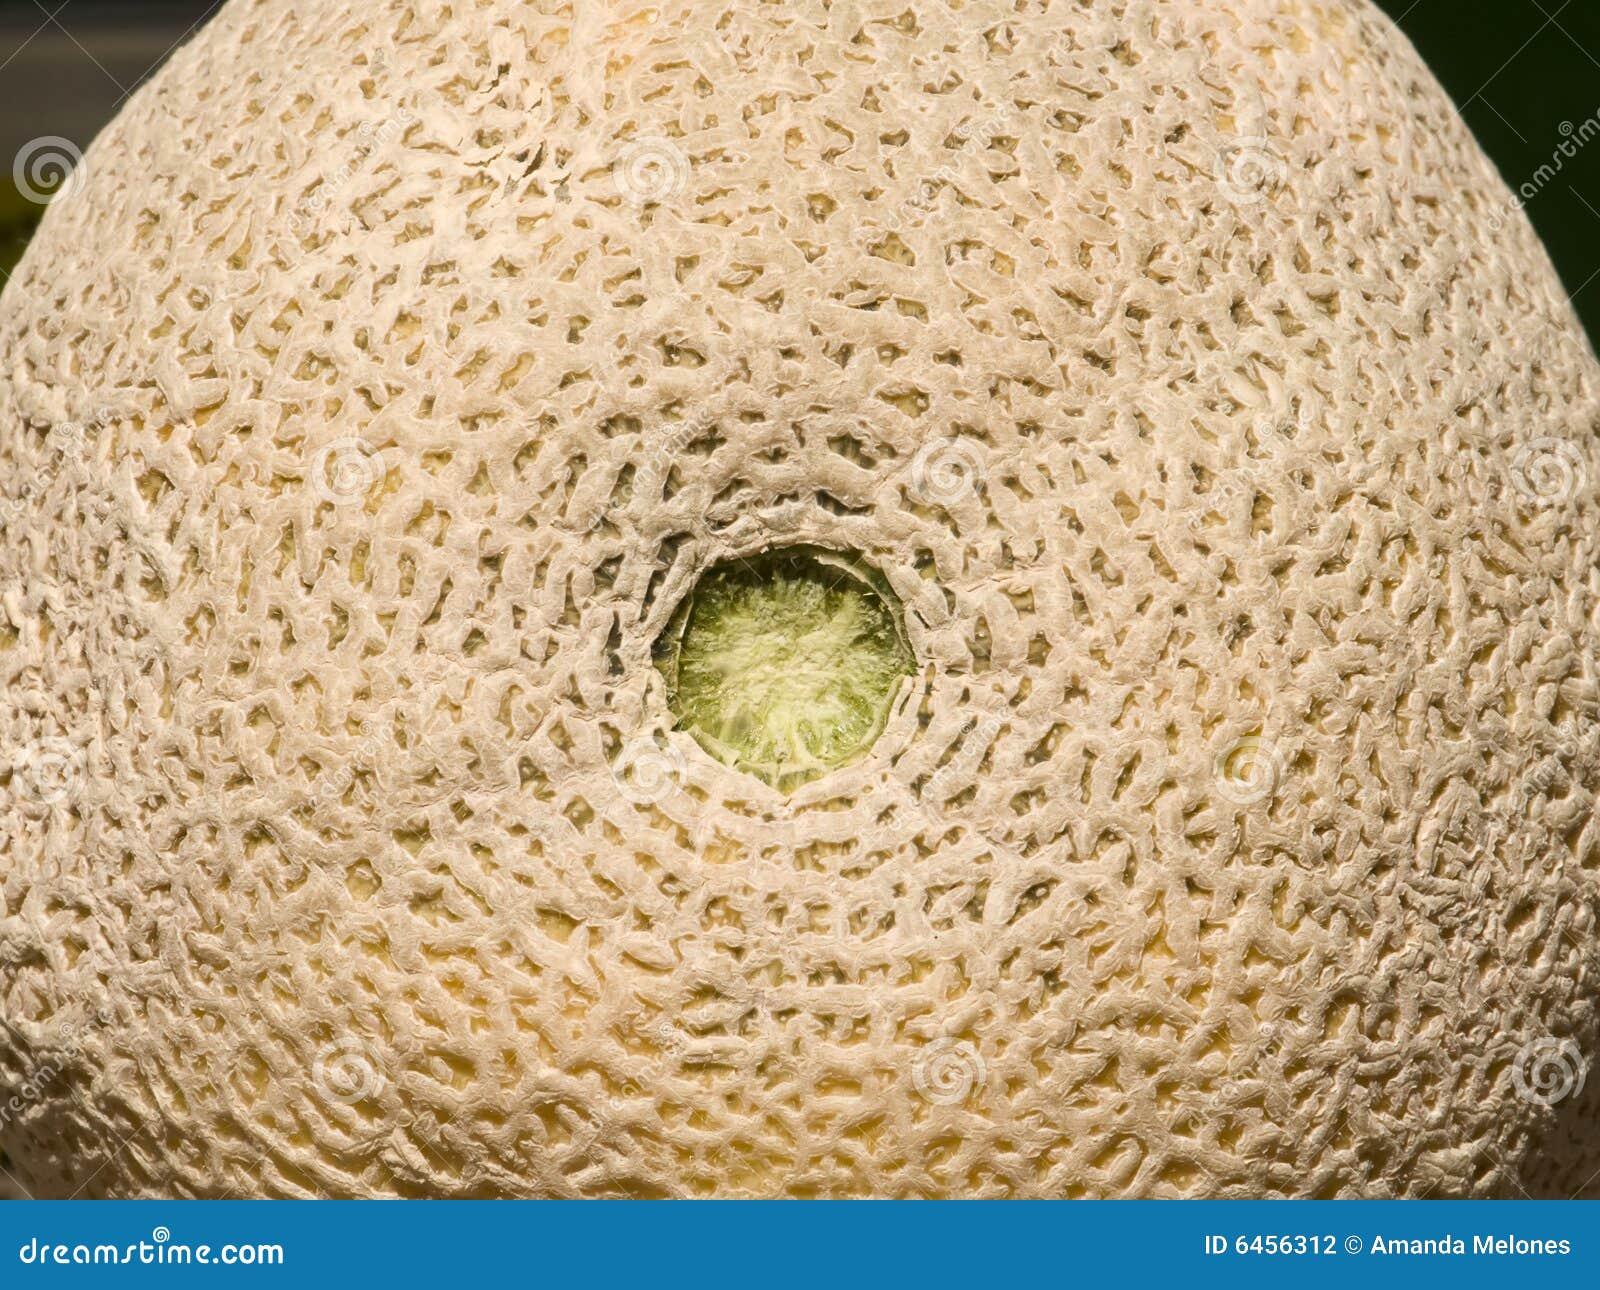 Cantaloupe1